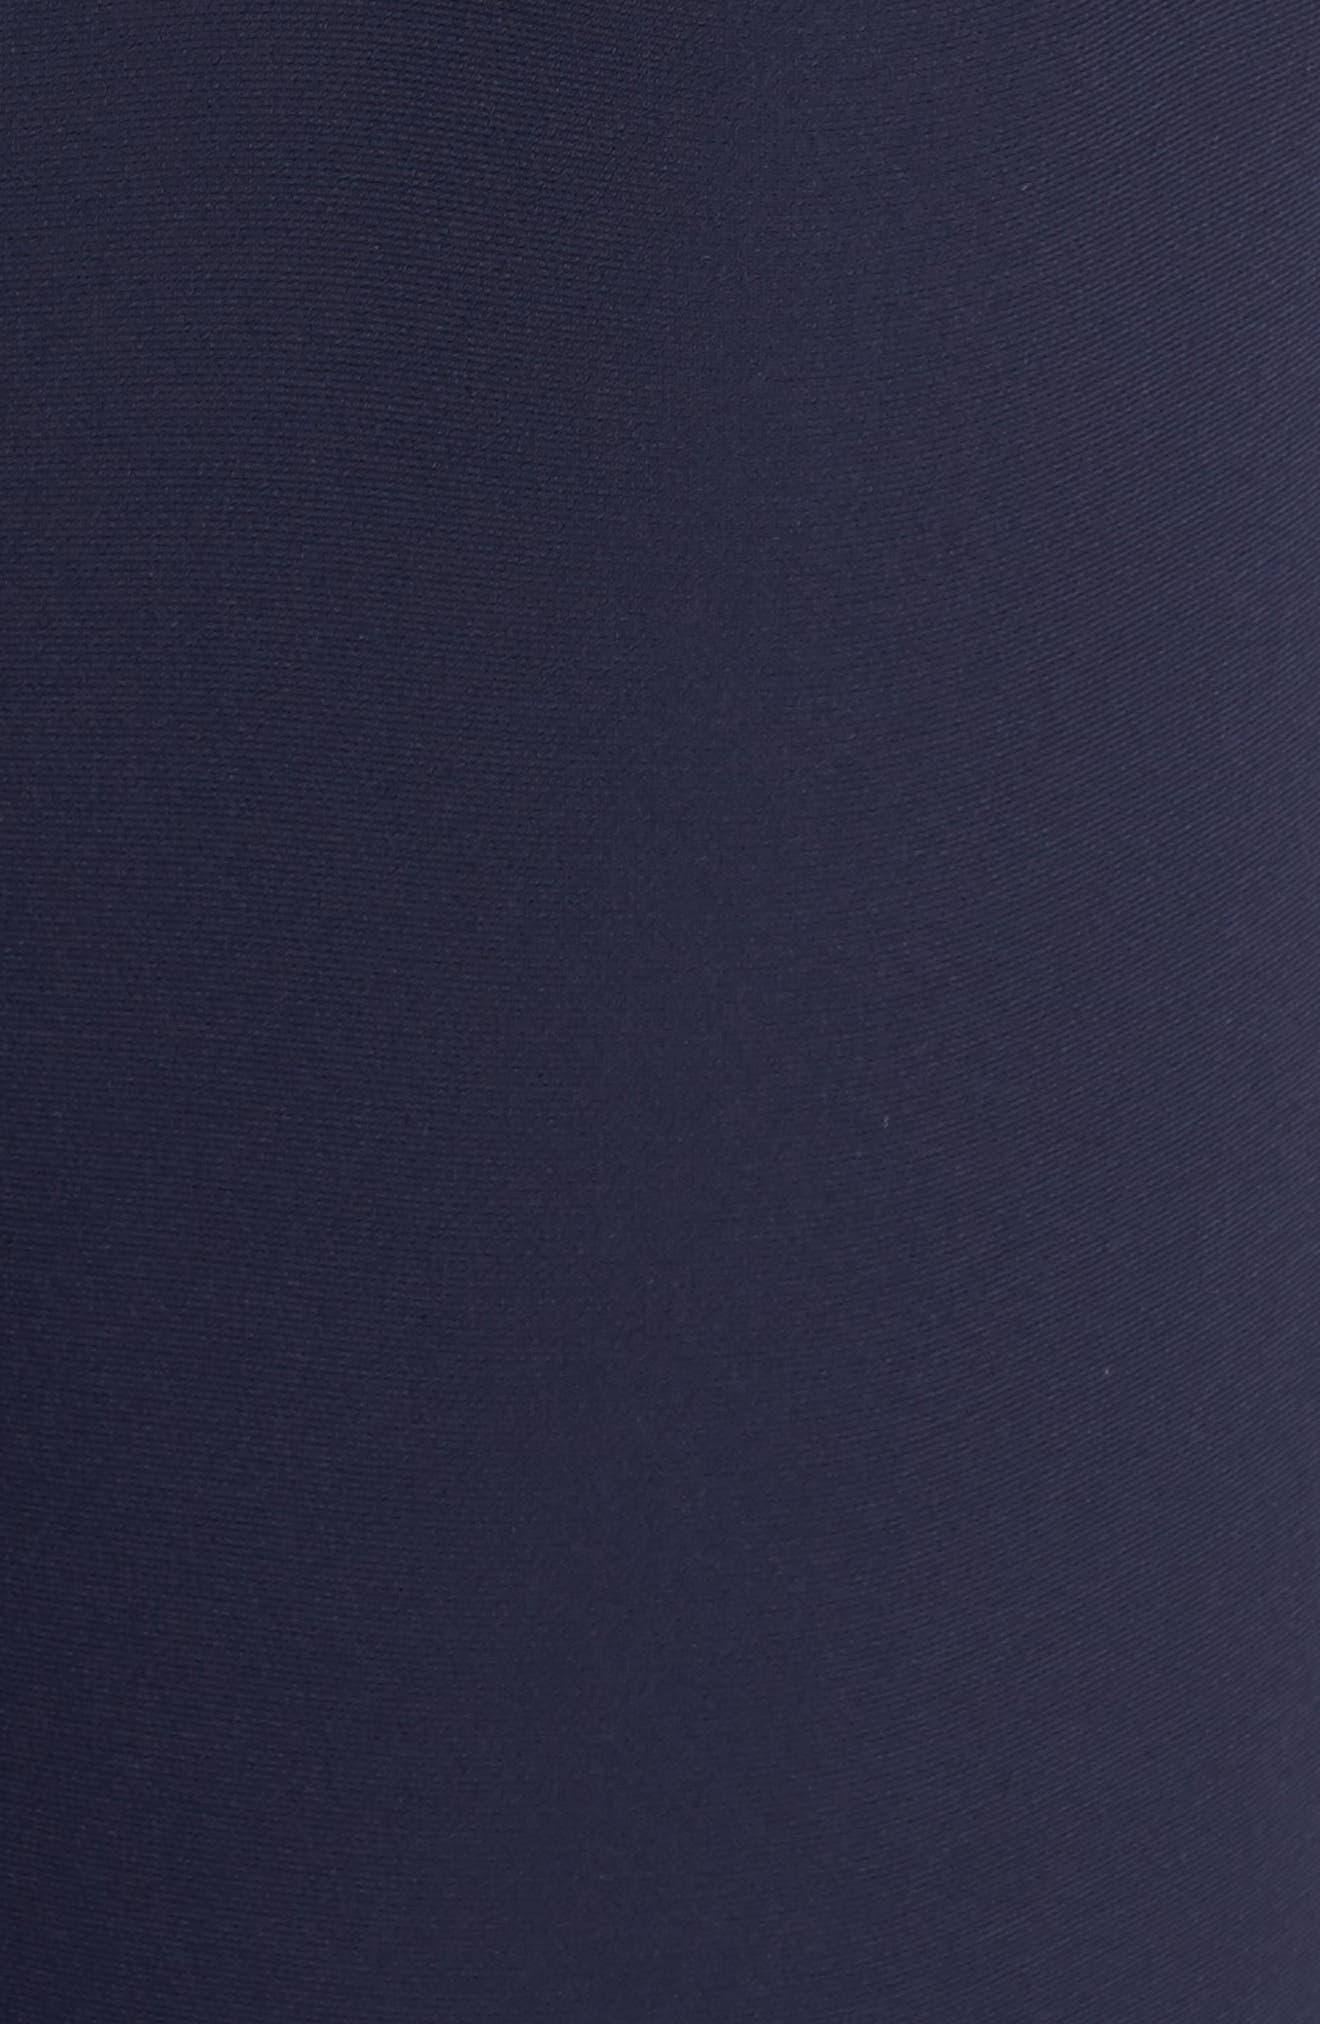 Ruffle Culotte Jumpsuit,                             Alternate thumbnail 5, color,                             410